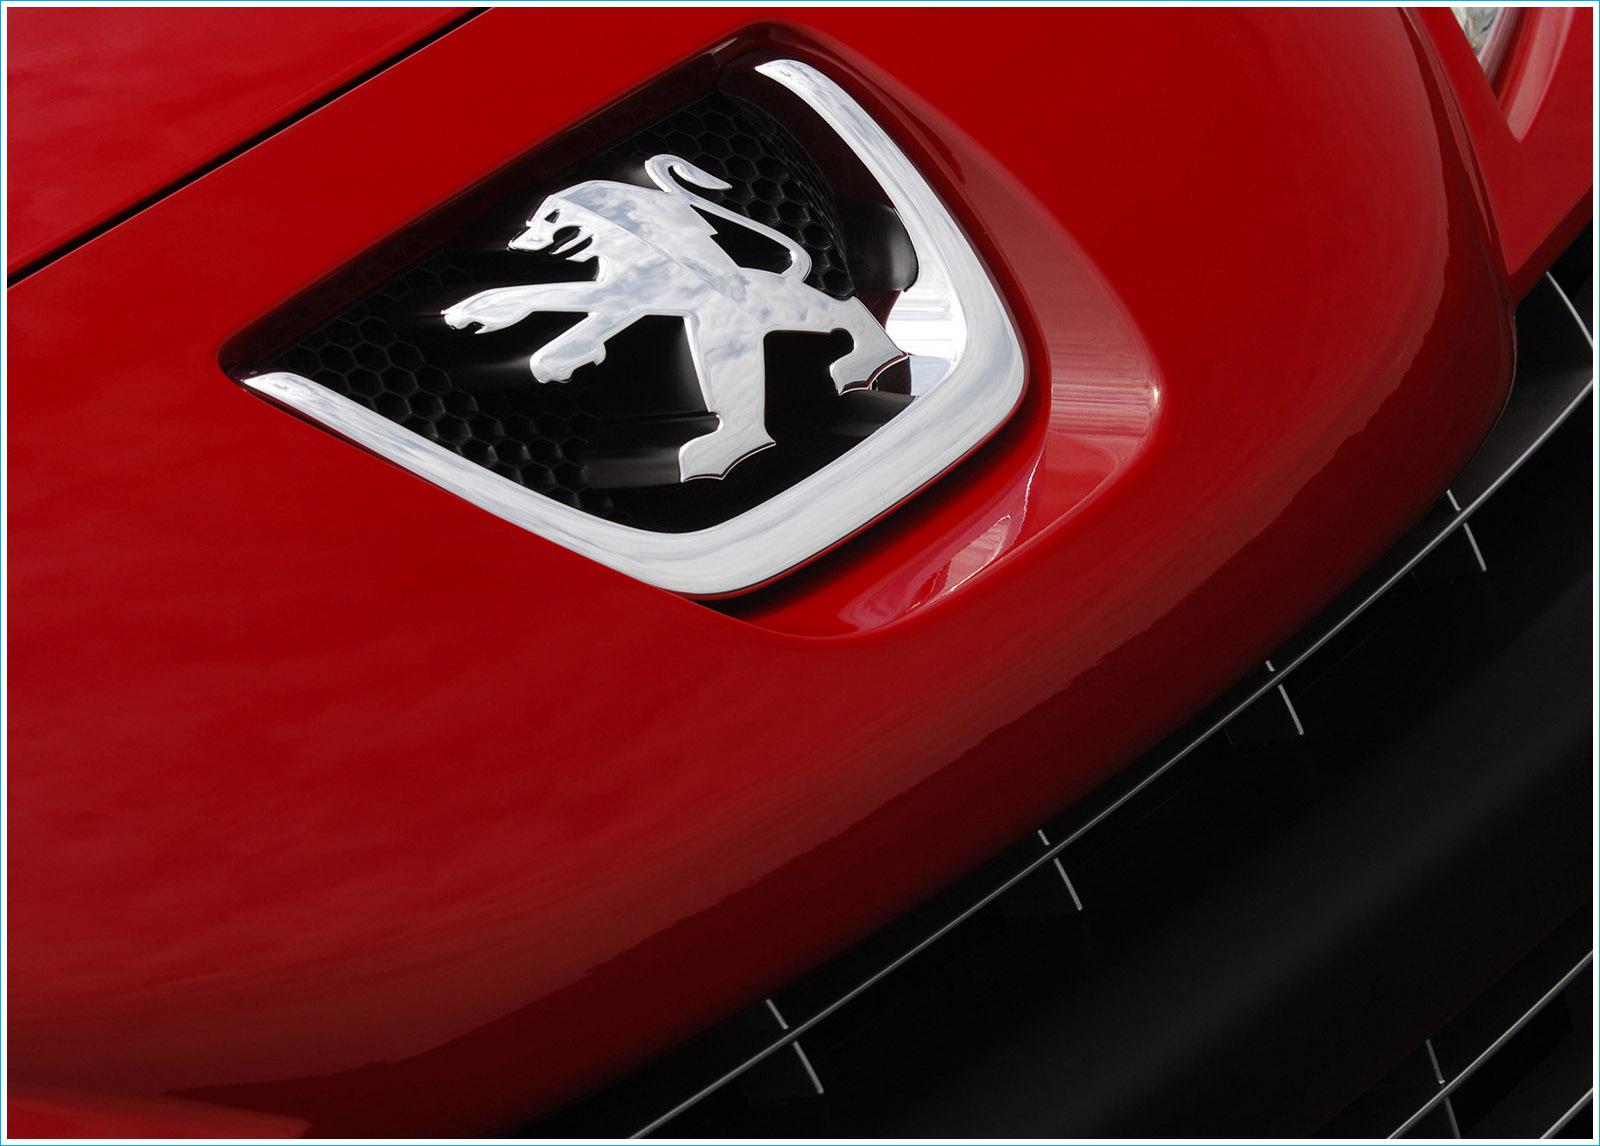 http://marque-voiture.com/wp-content/uploads/2015/10/La-couleur-de-l%E2%80%99embl%C3%A8me-de-Peugeot.jpg